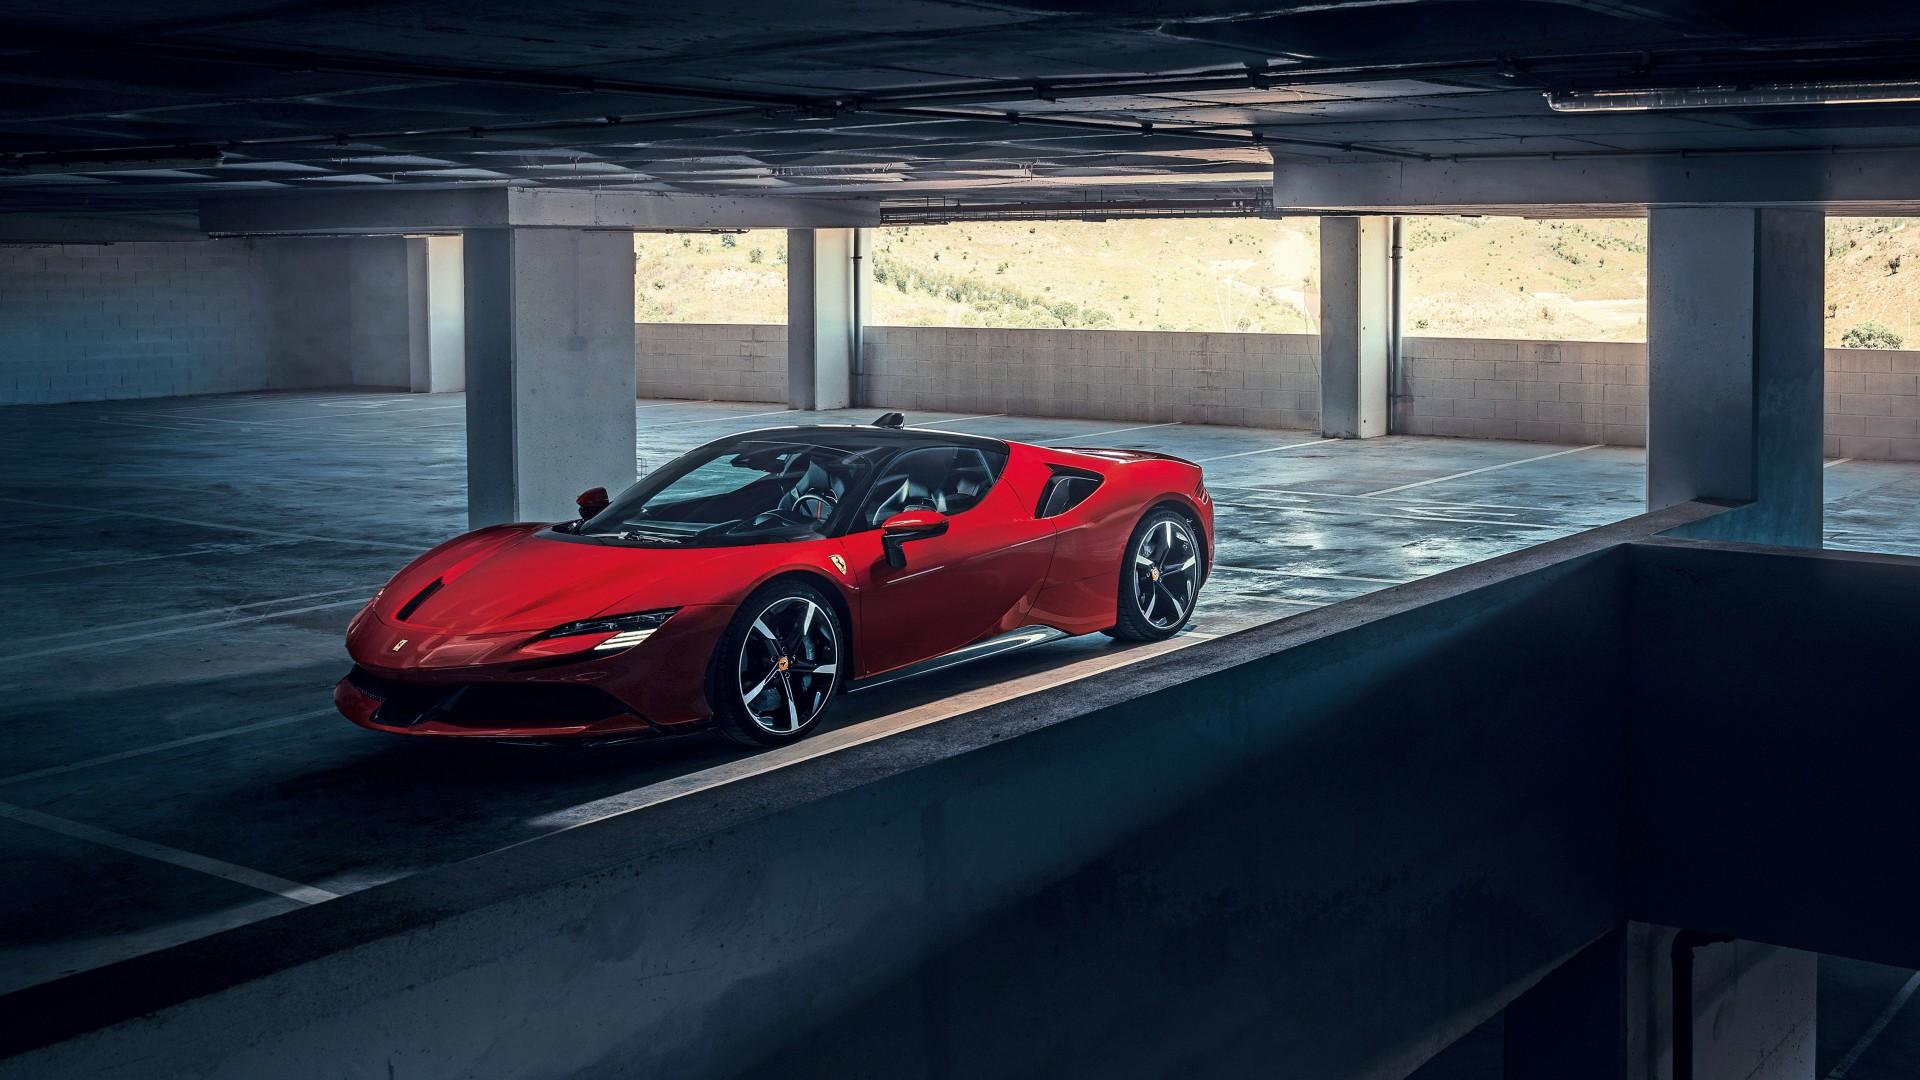 Car Wallpapers 2014 Download Ferrari Sf90 Stradale 2019 4k Wallpaper Hd Car